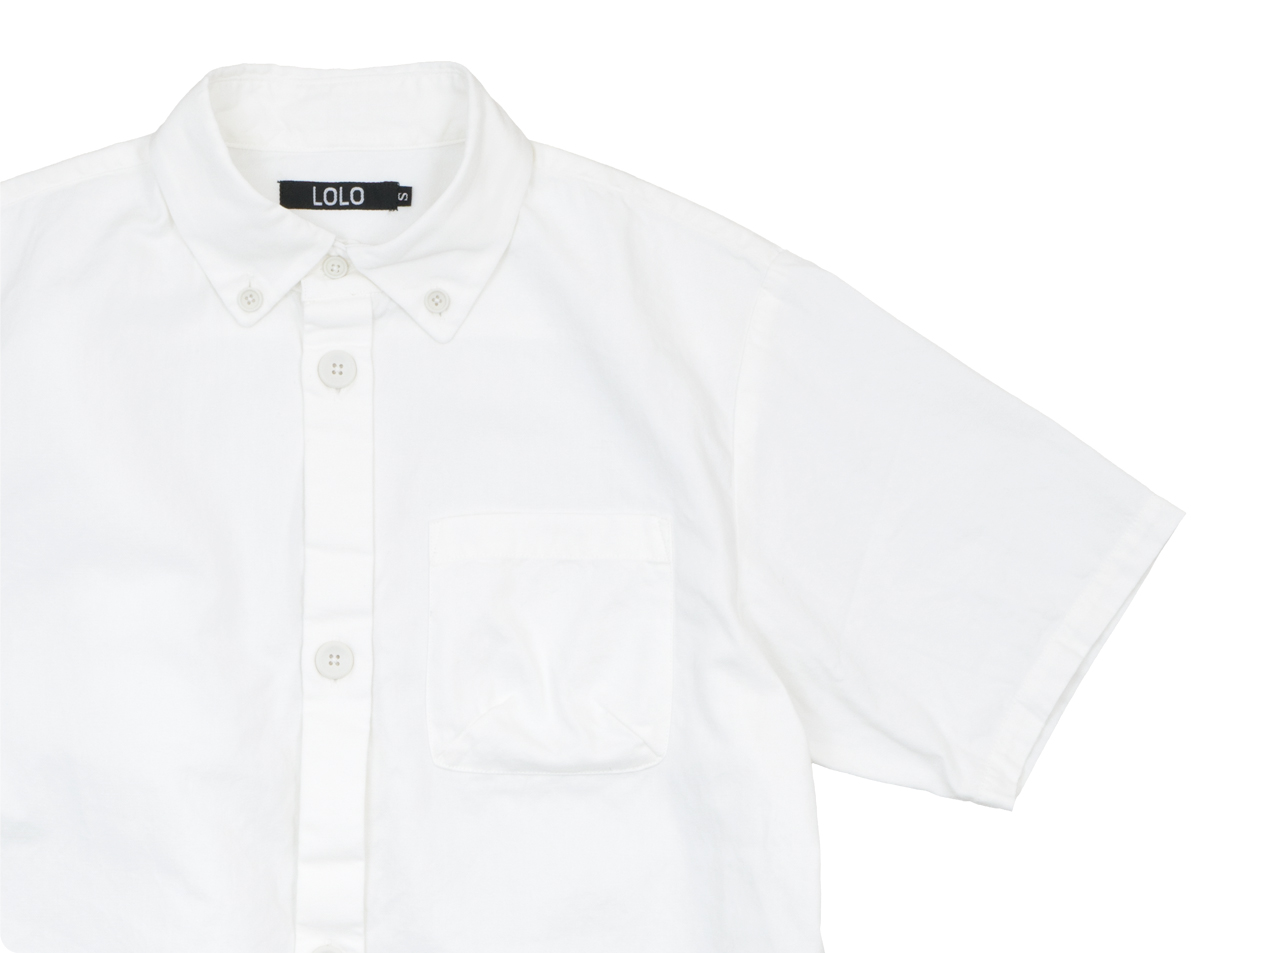 LOLO コットンボタンダウンシャツ 半袖